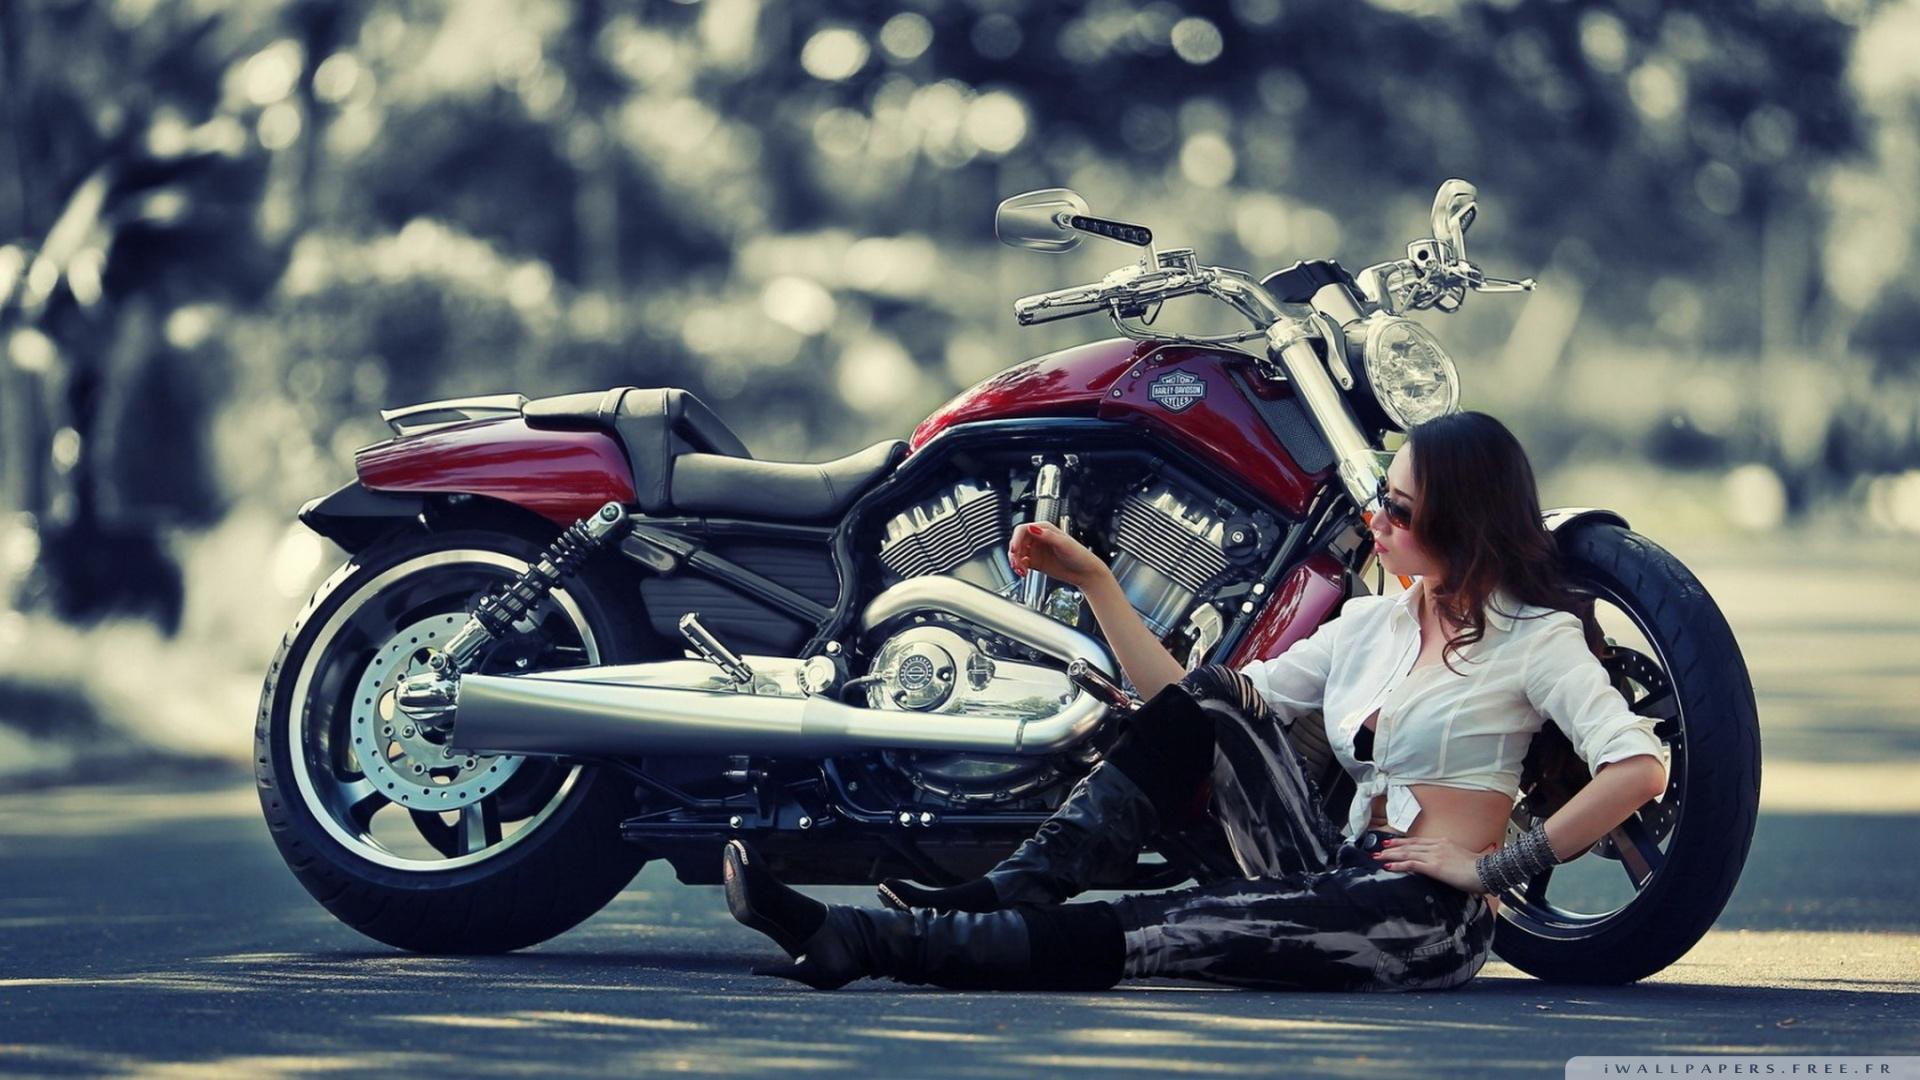 fond d'ecran moto